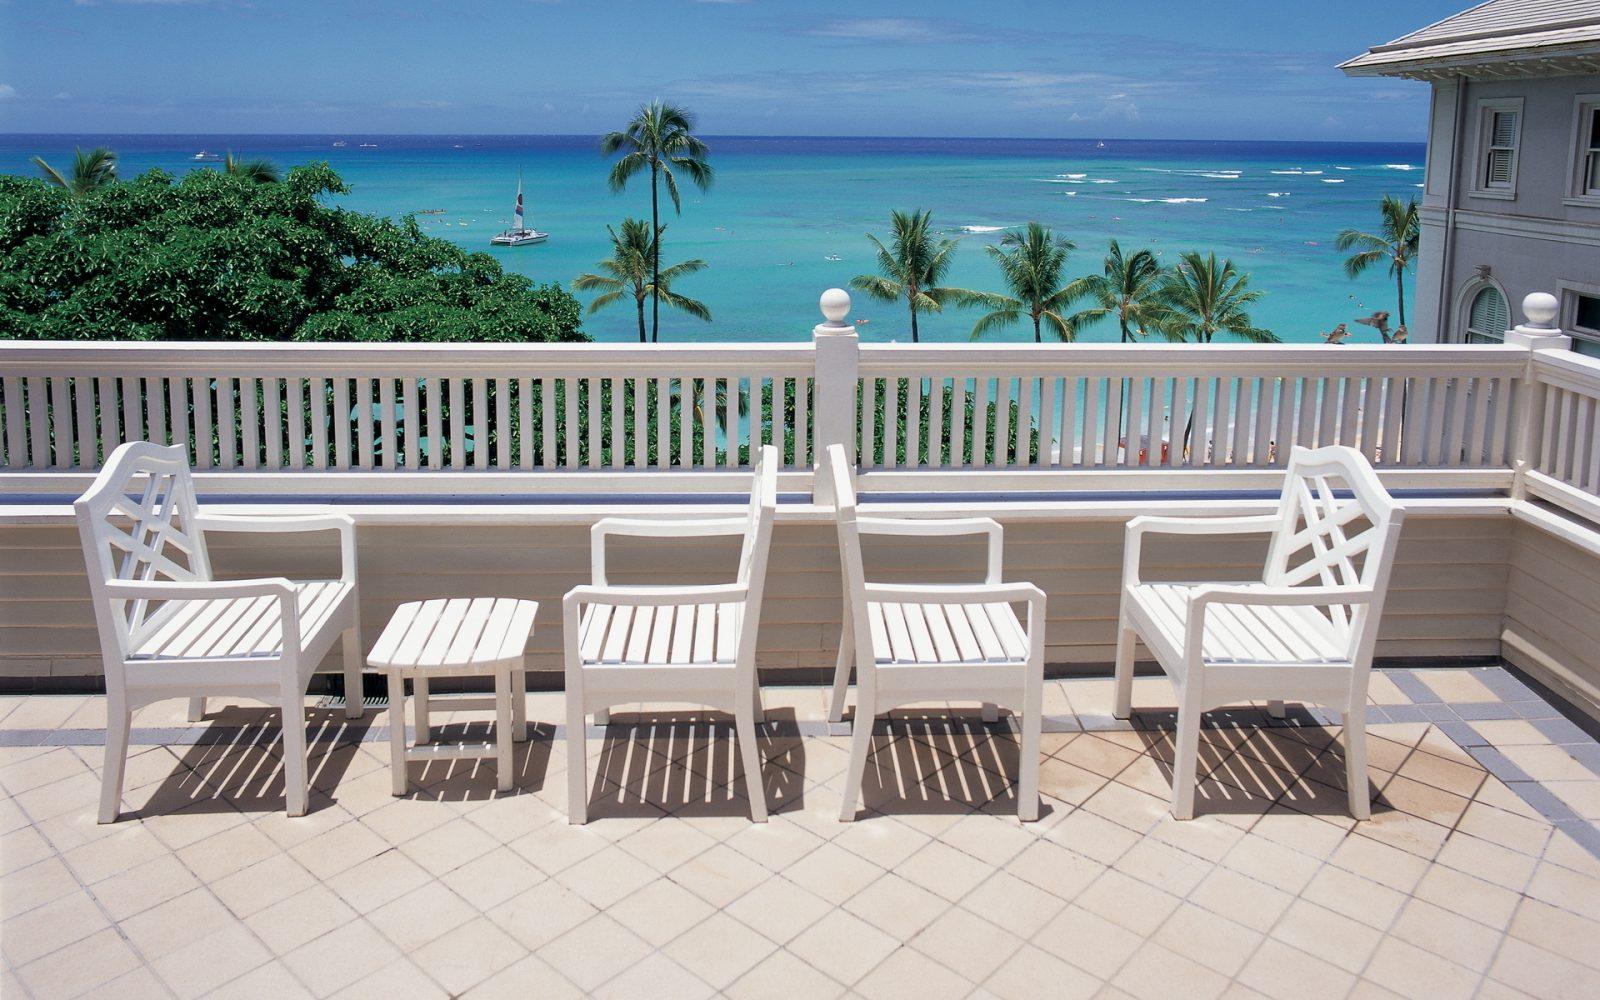 Sillas y mesas de madera blanca im genes y fotos for Mesas y sillas blancas de madera